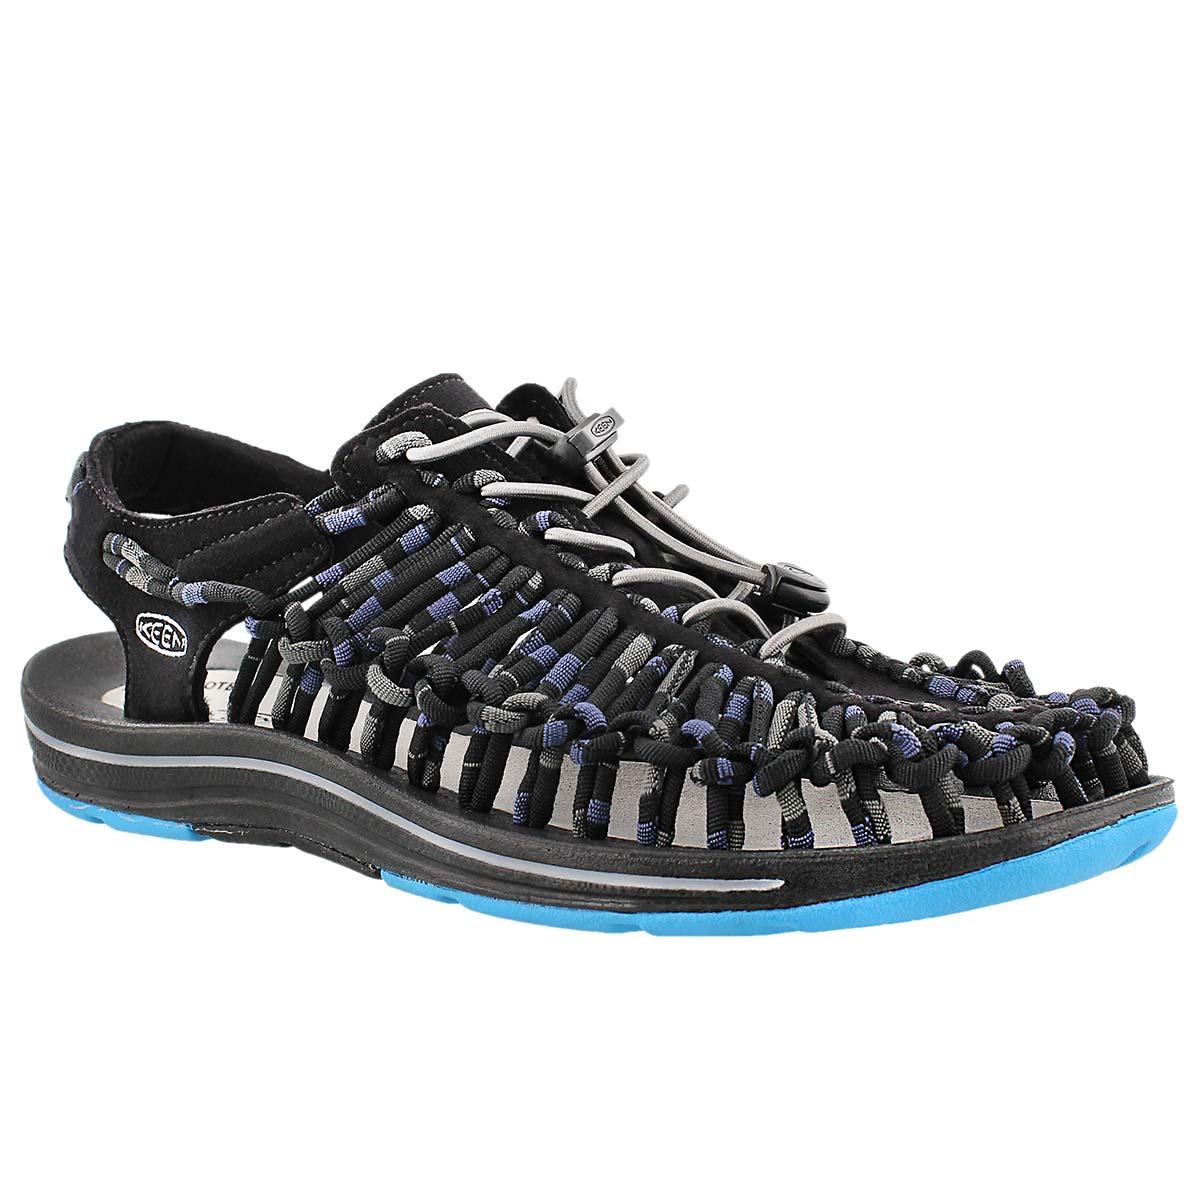 Mns Uneek Stripes blue fisherman sandal